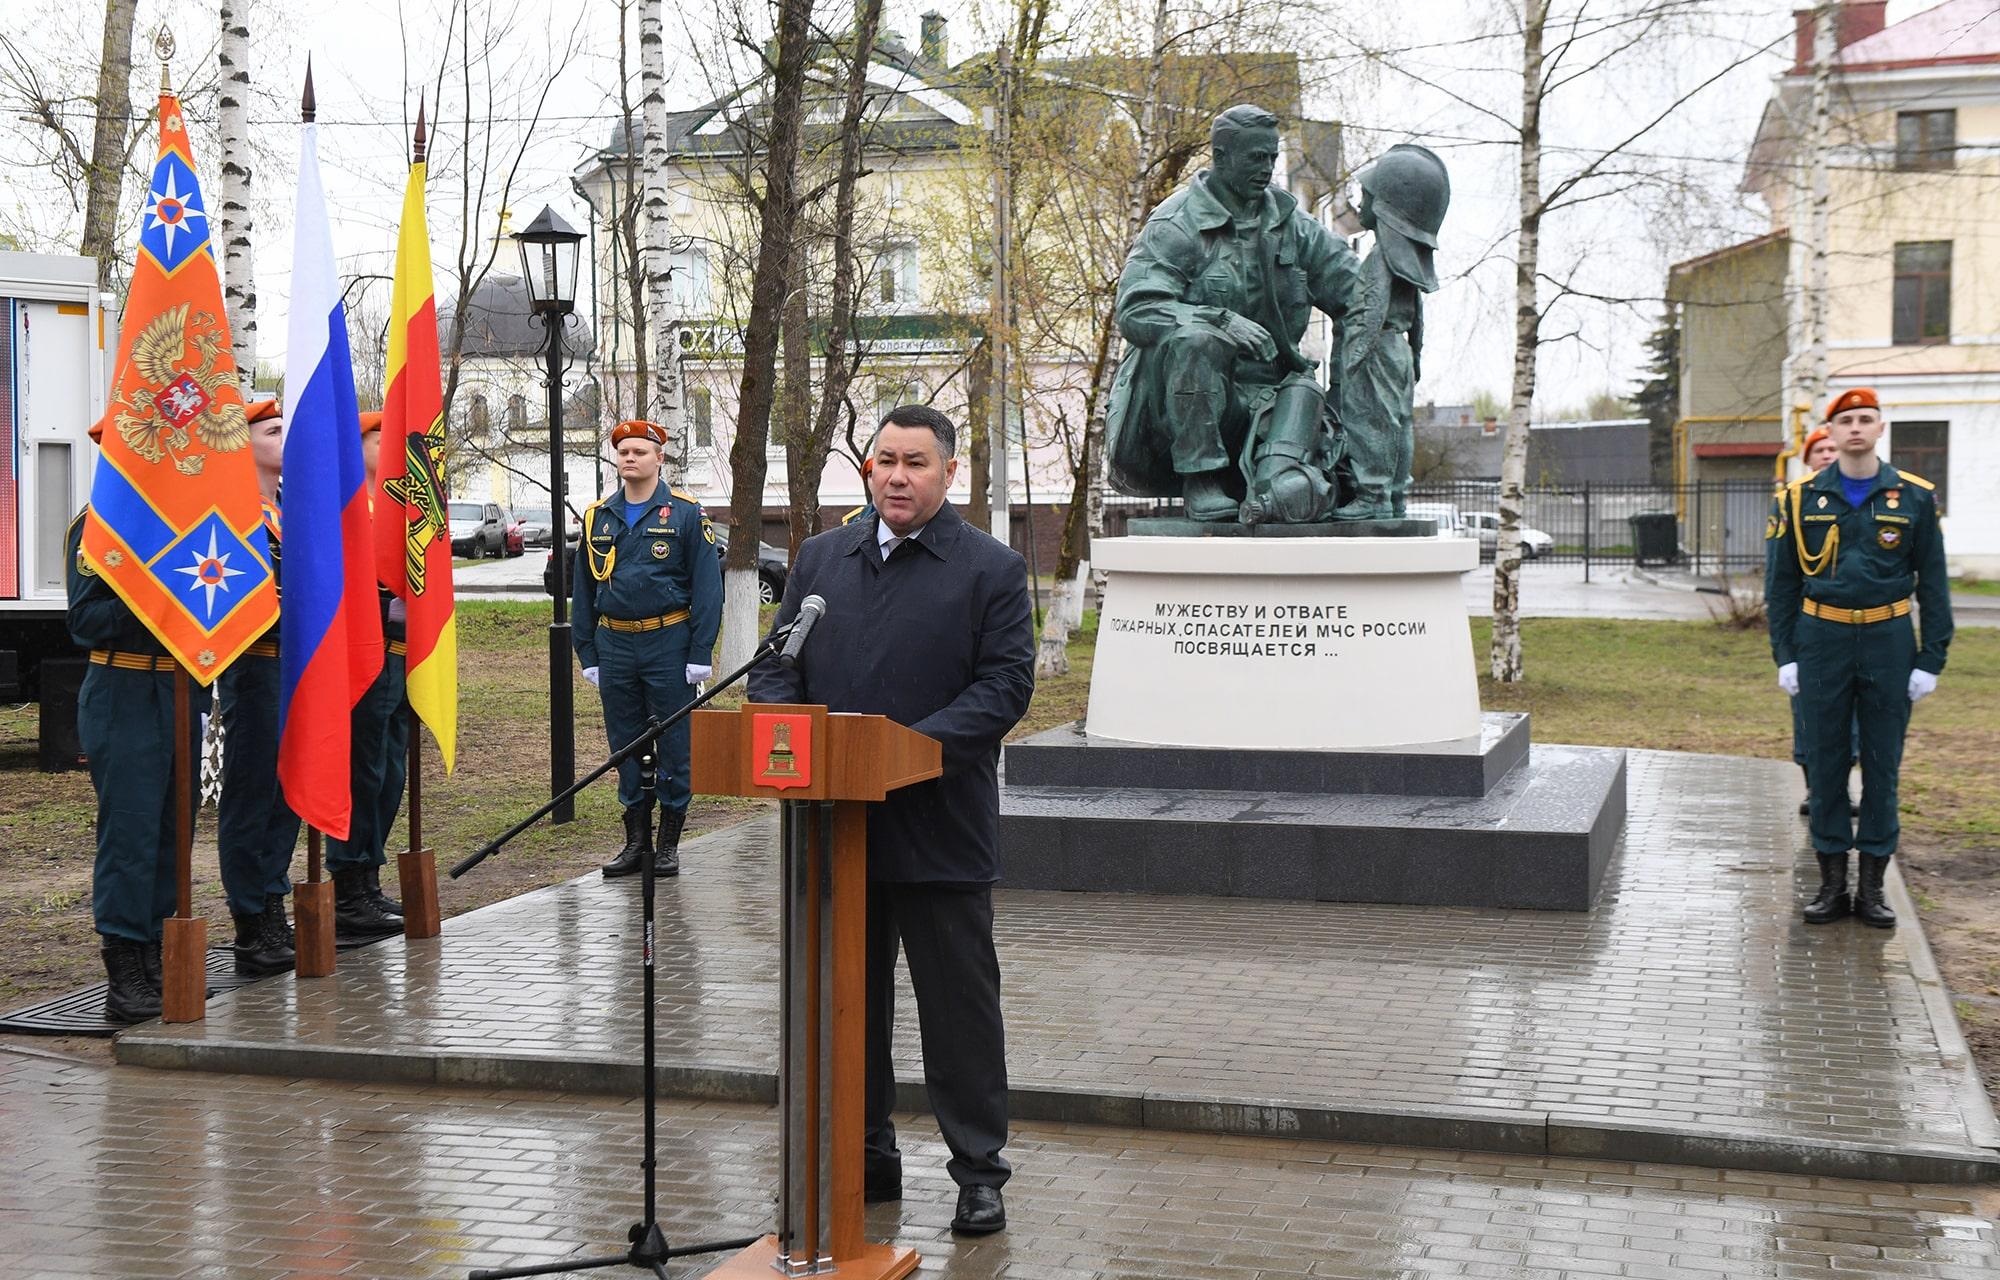 Губернатор Игорь Руденя возложил цветы к памятнику пожарным и спасателям в Твери